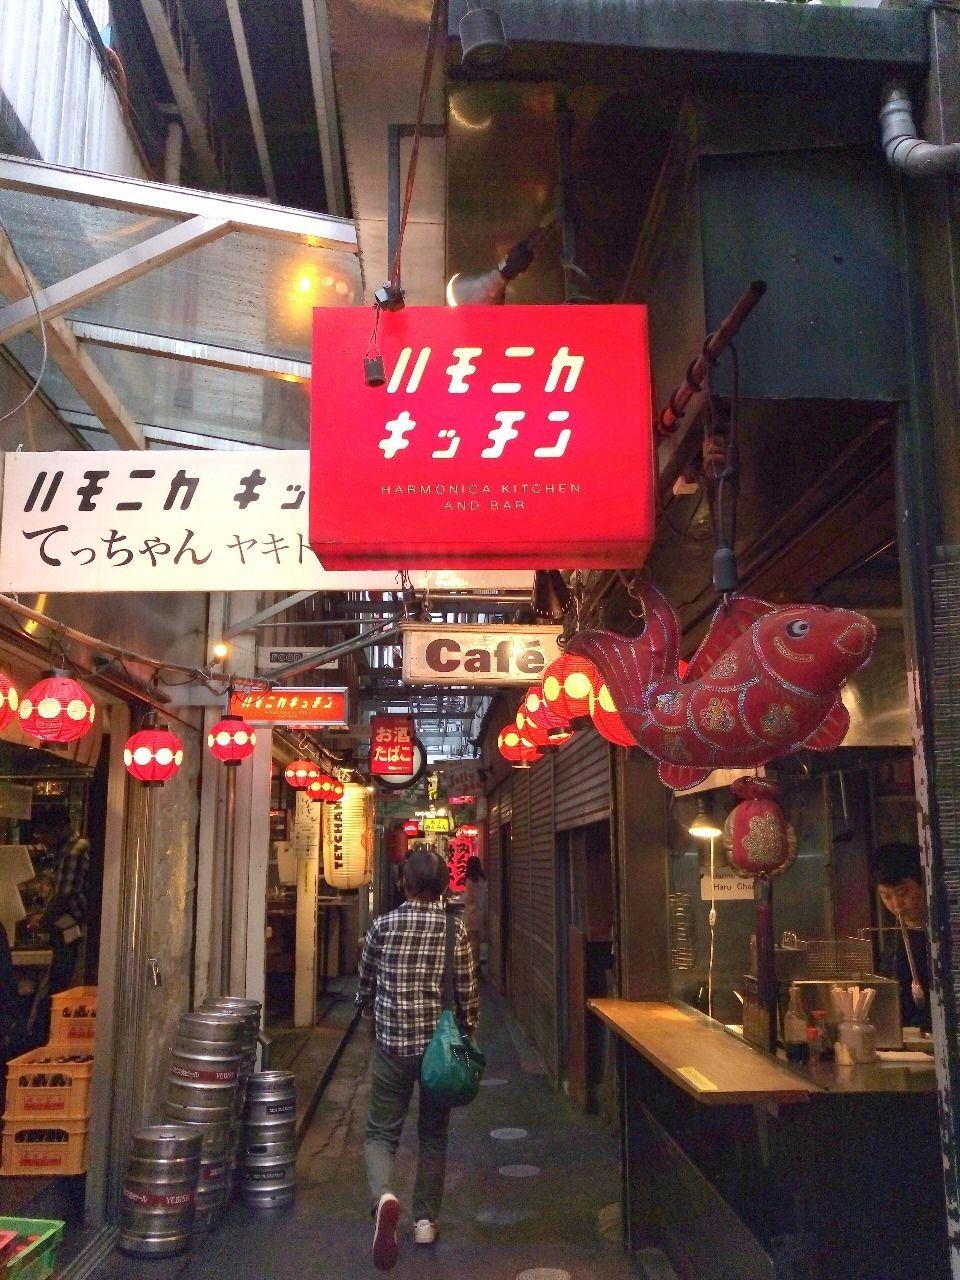 吉祥寺のハモニカ横丁